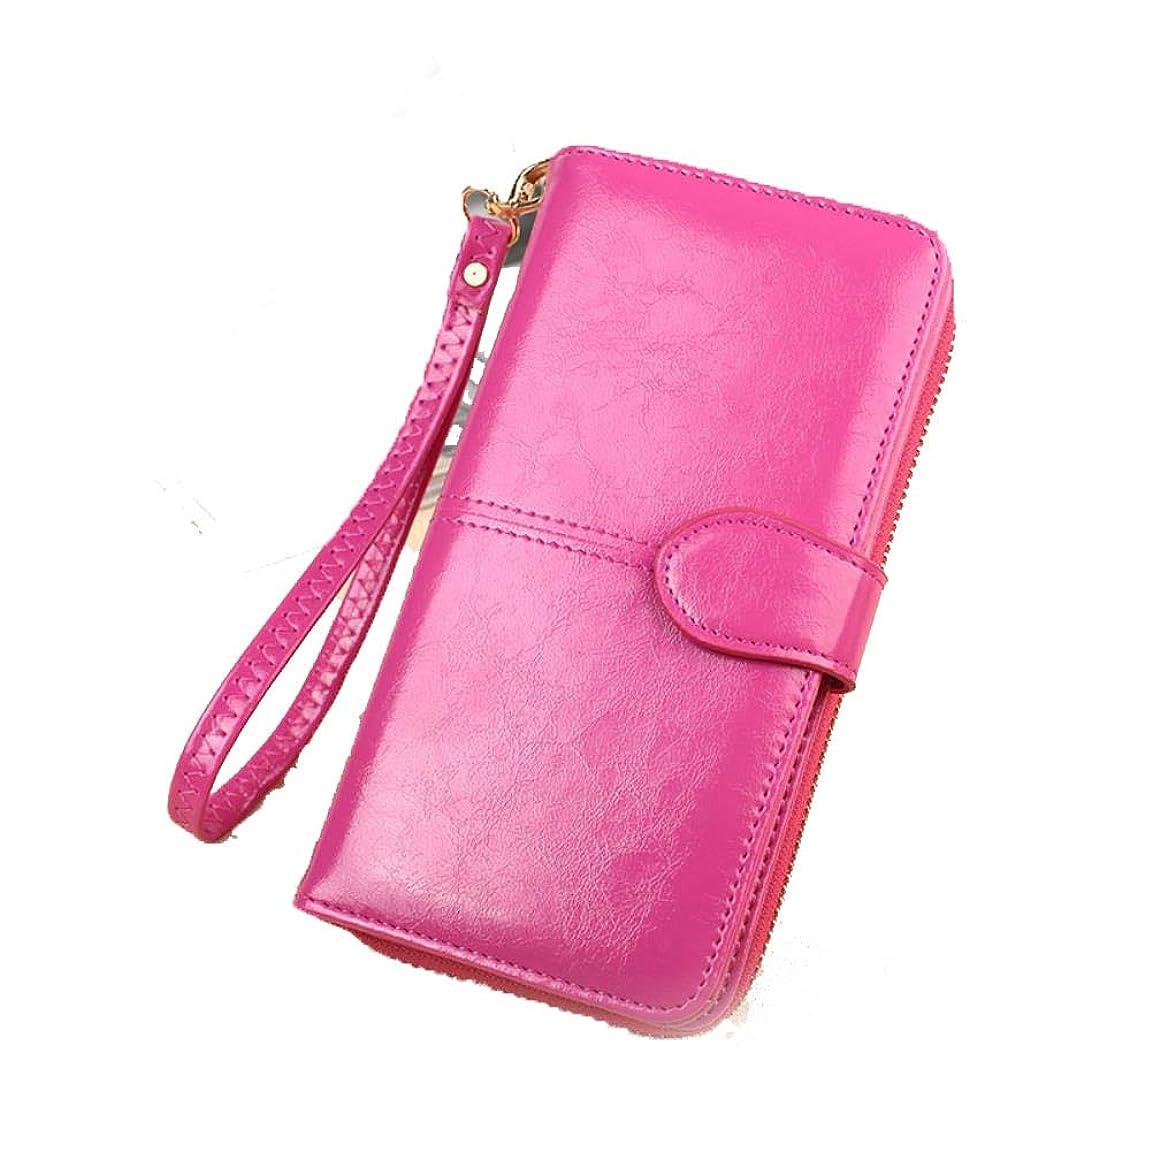 苦情文句手を差し伸べるルーキーハンドバッグの女性の手持ち株の携帯用長財布輸出シンプルなオイルワックススキン電話変更カードバッグ